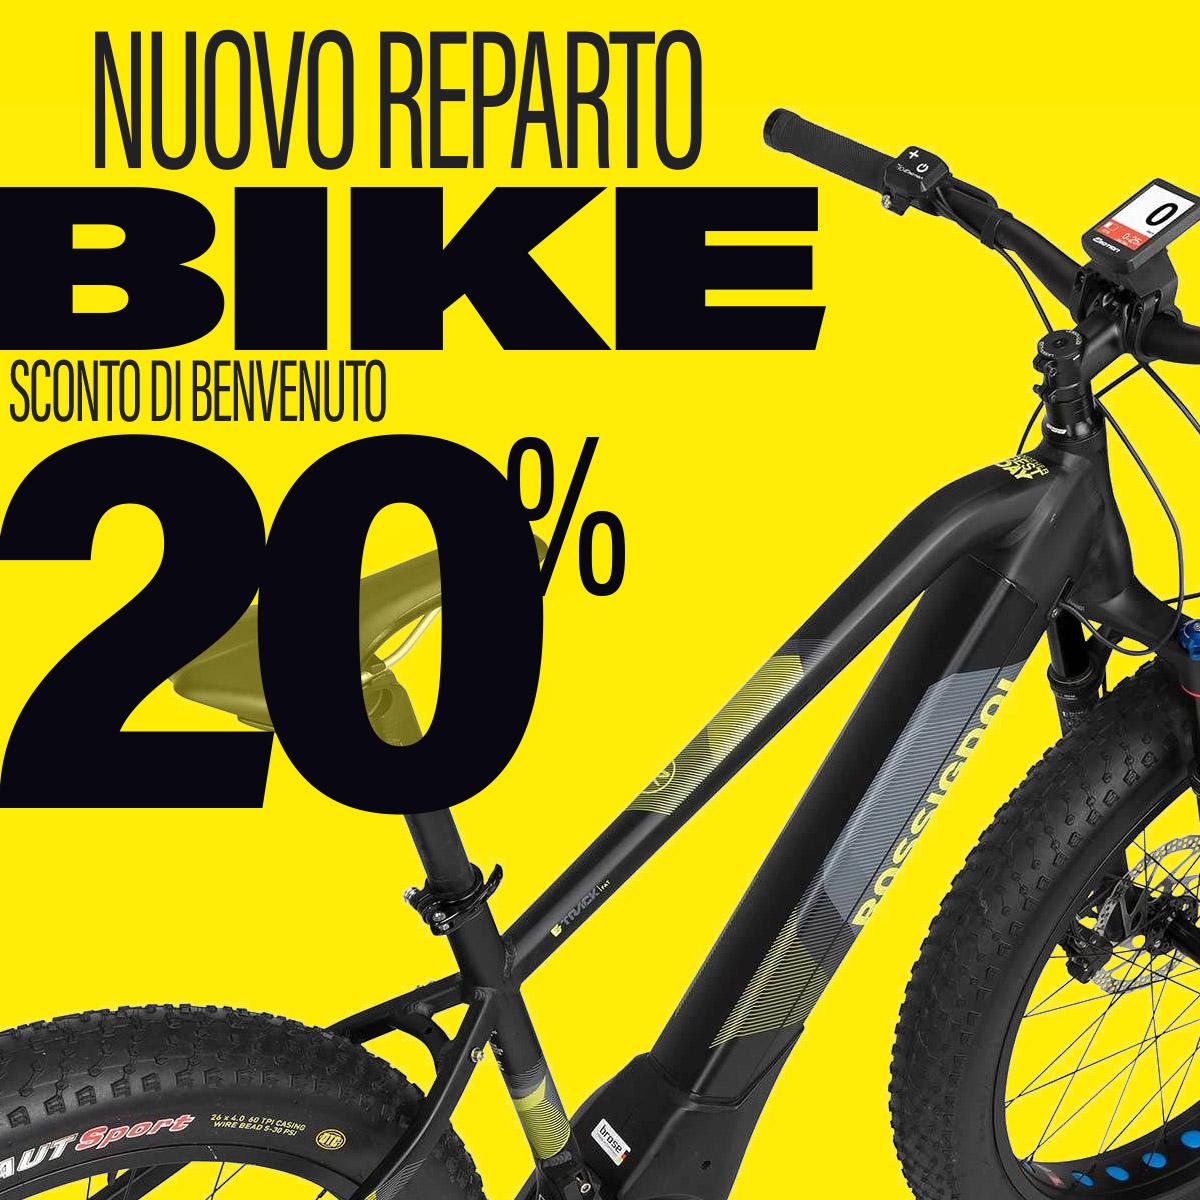 Reparto e-bike Borgo 2000: sconto di benvenuto al nuovo nato!